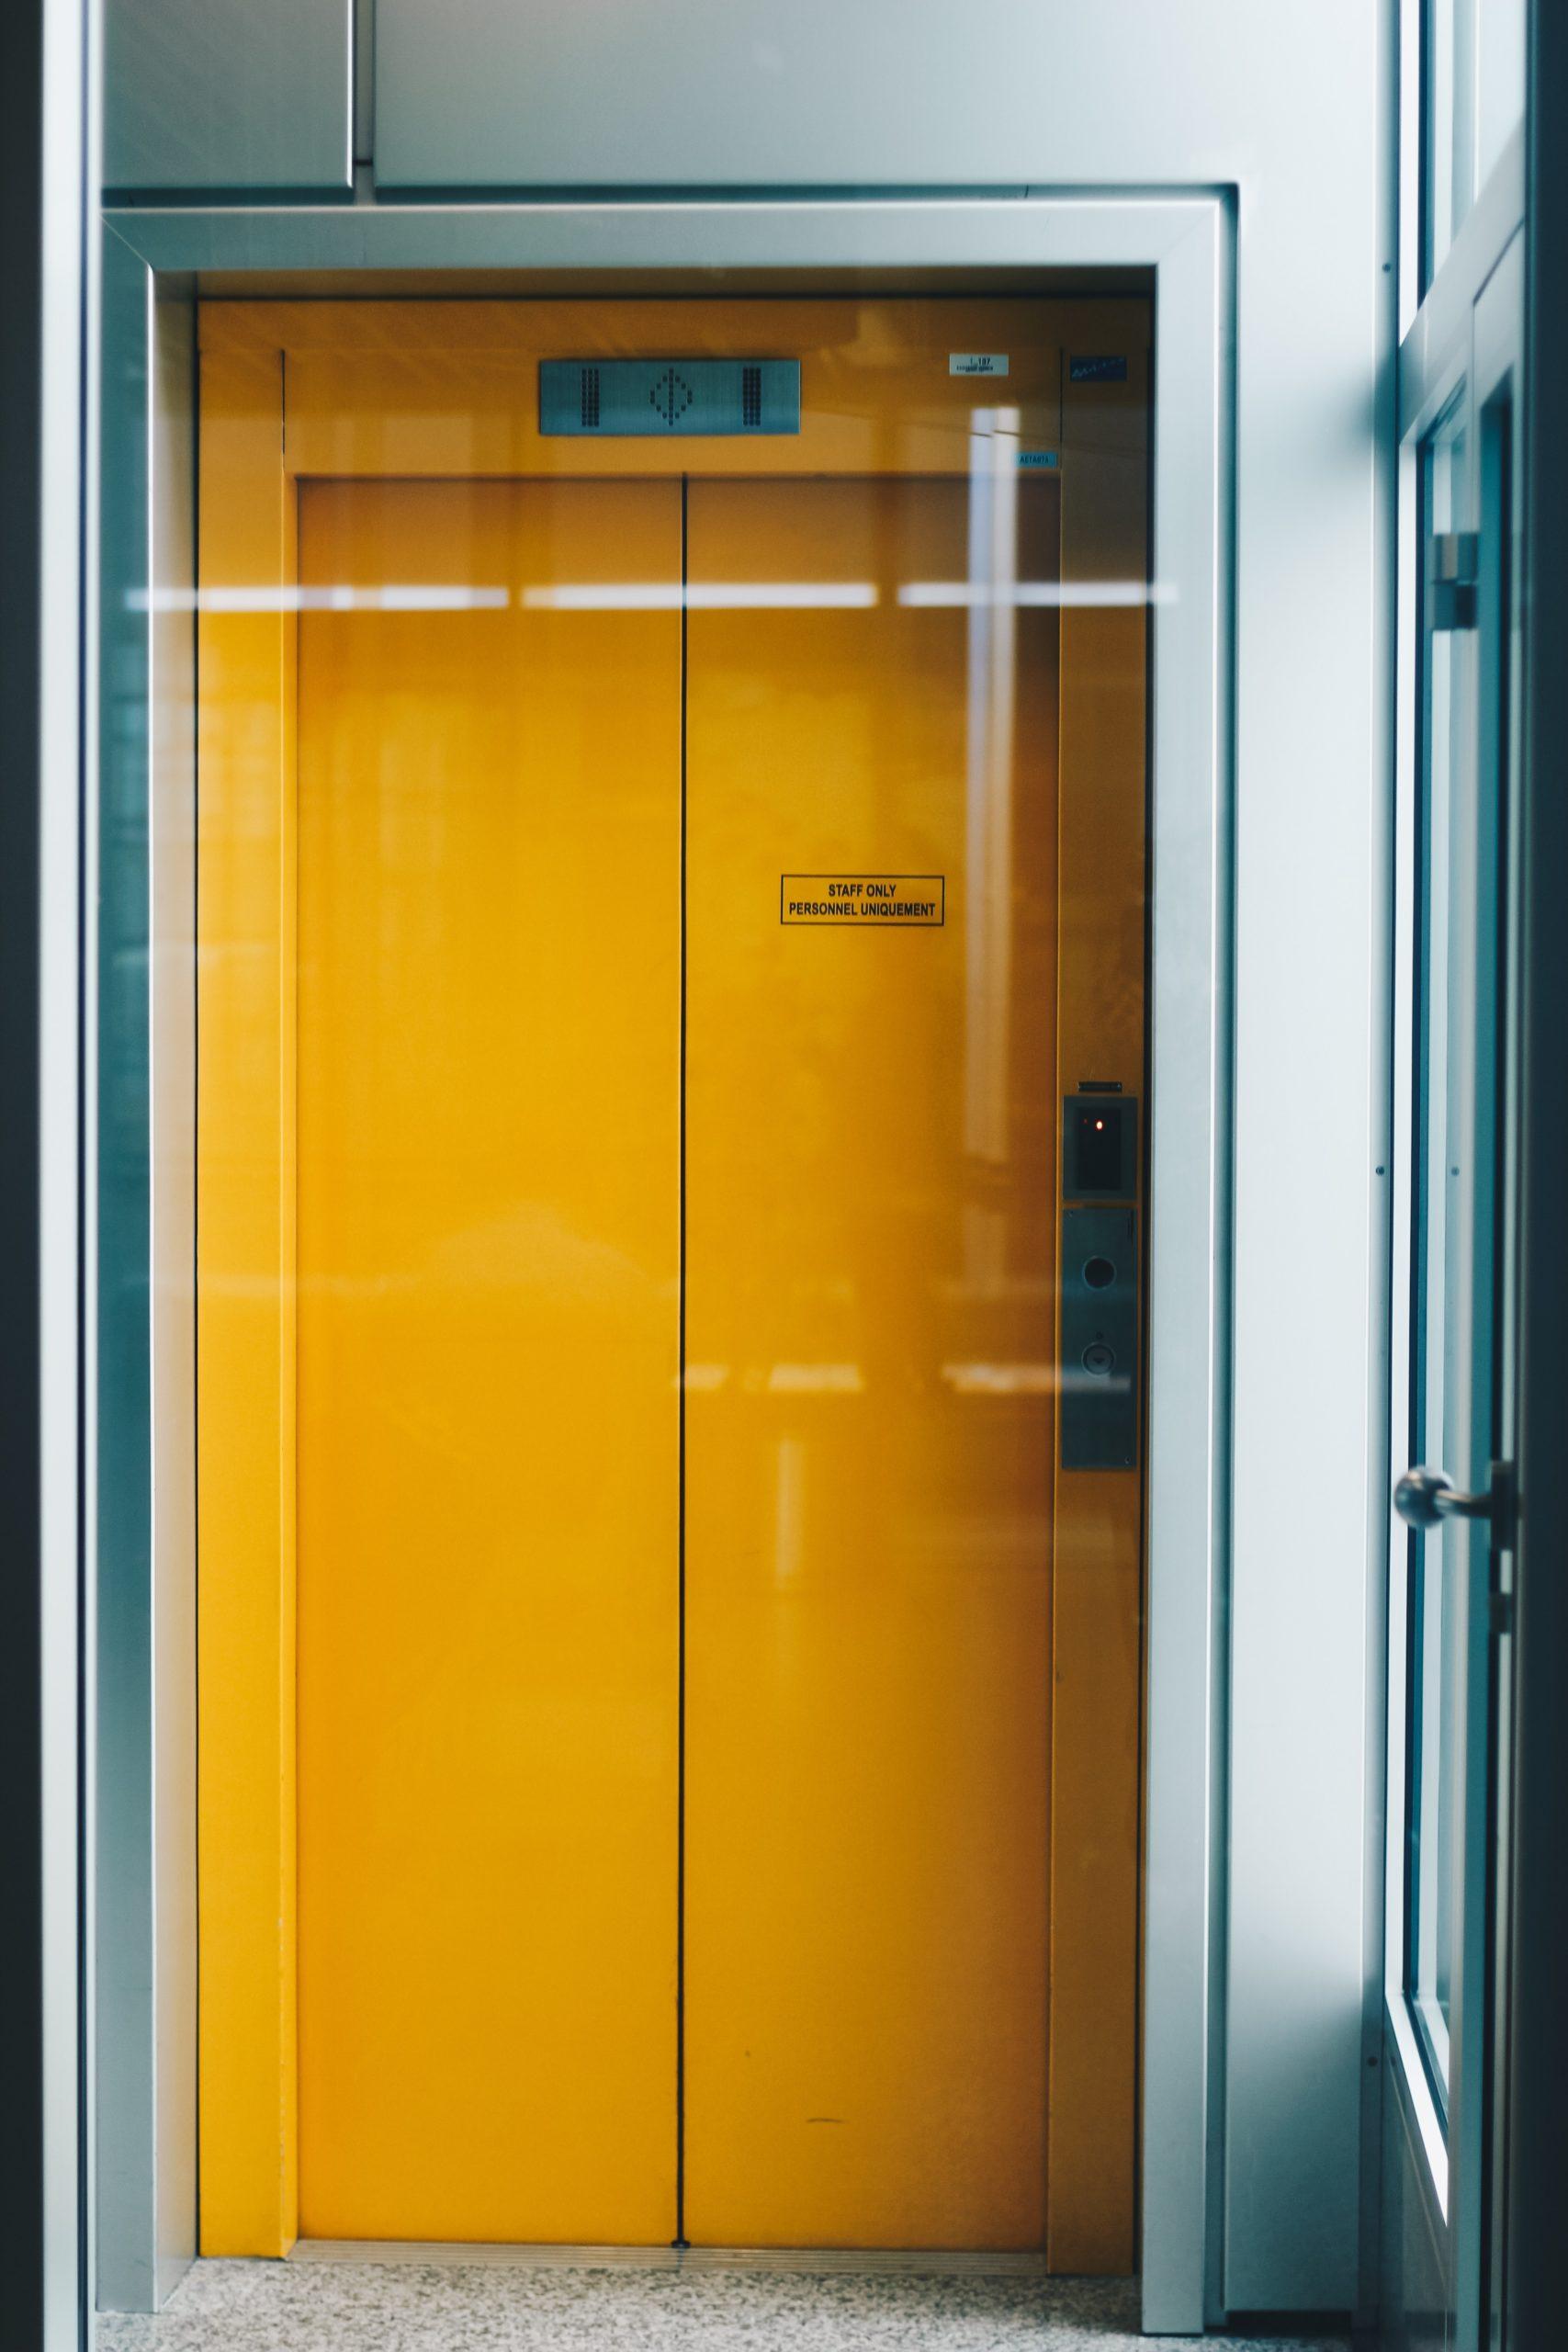 gelber Fahrstuhl in Bürogebäude